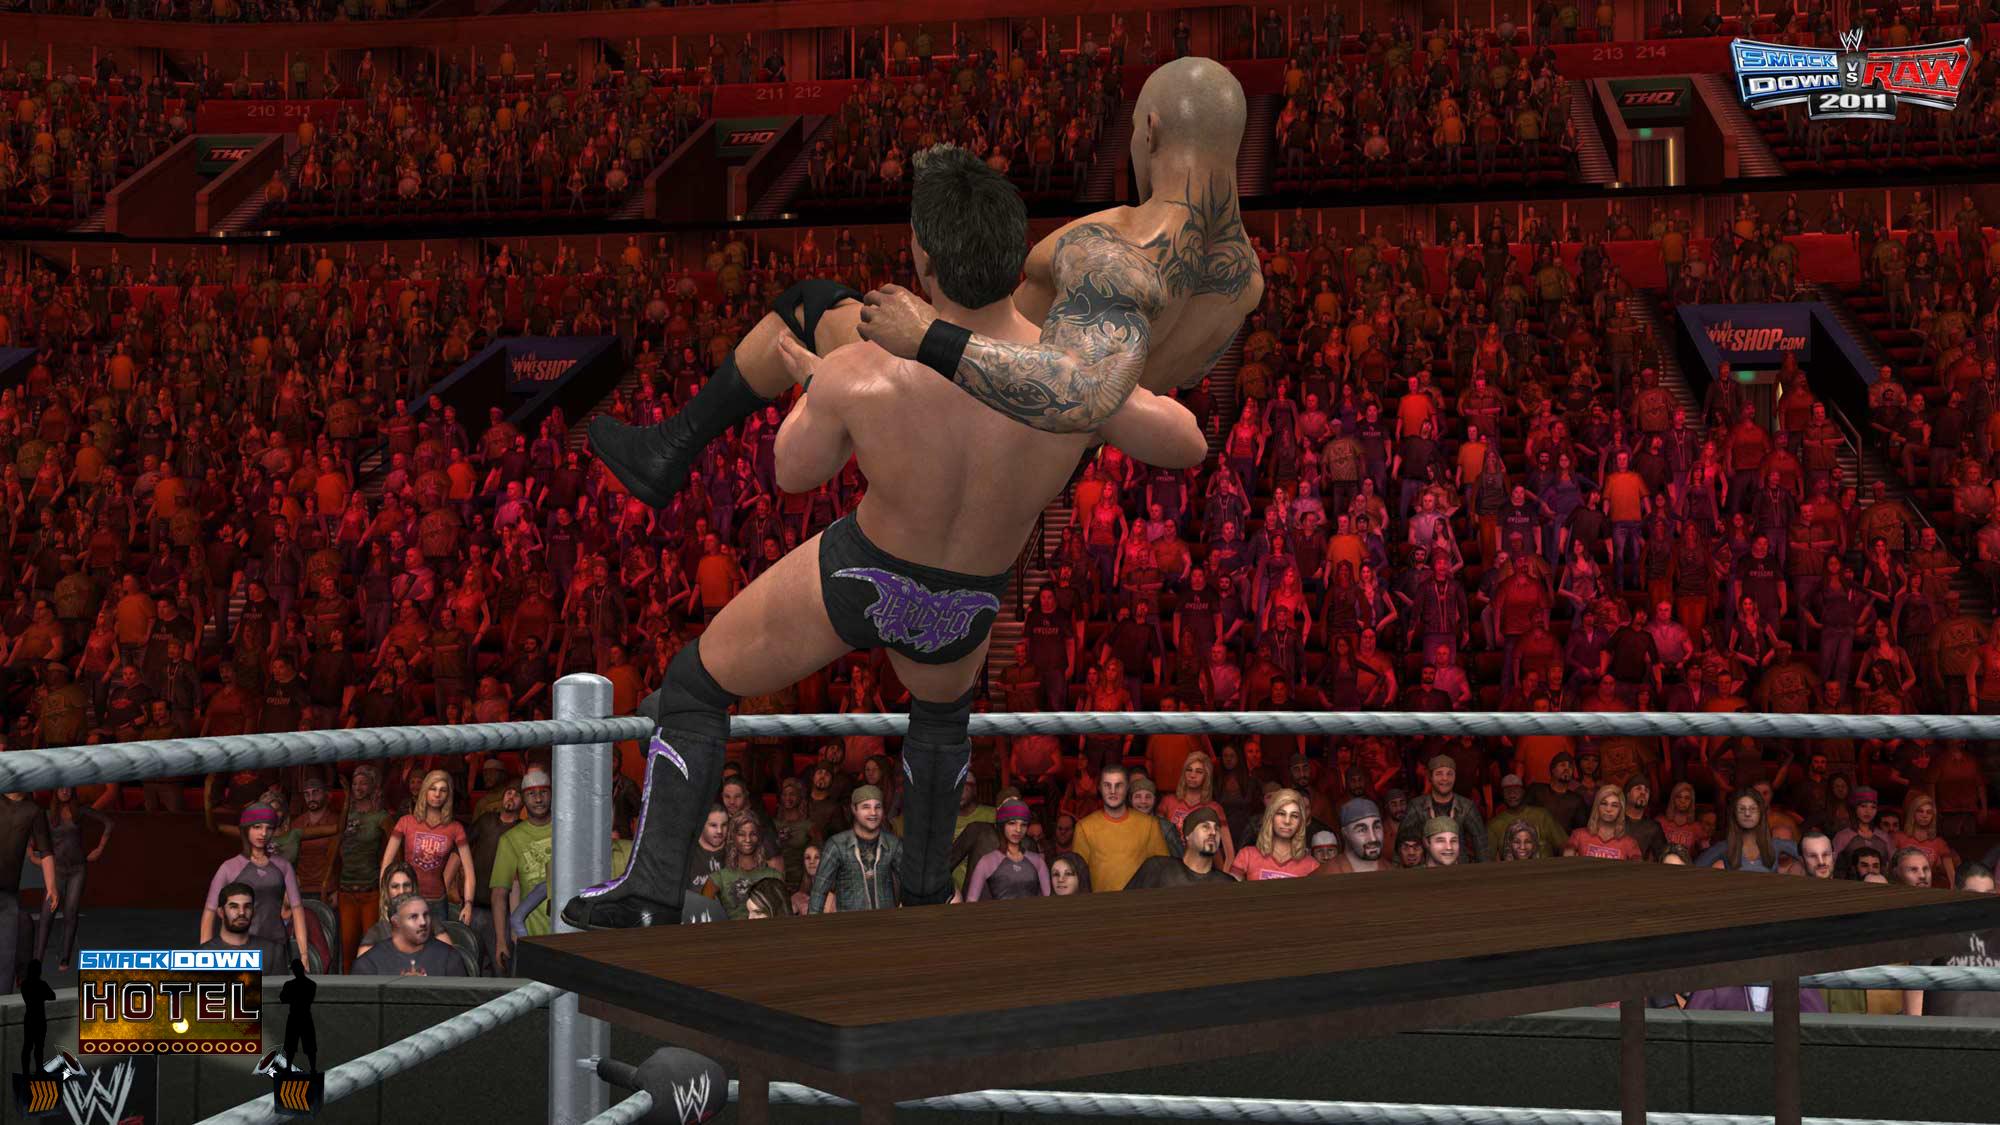 Promiere Image WWE SVR 2011 Wwesvr11communityexclus-bd5fe0b236